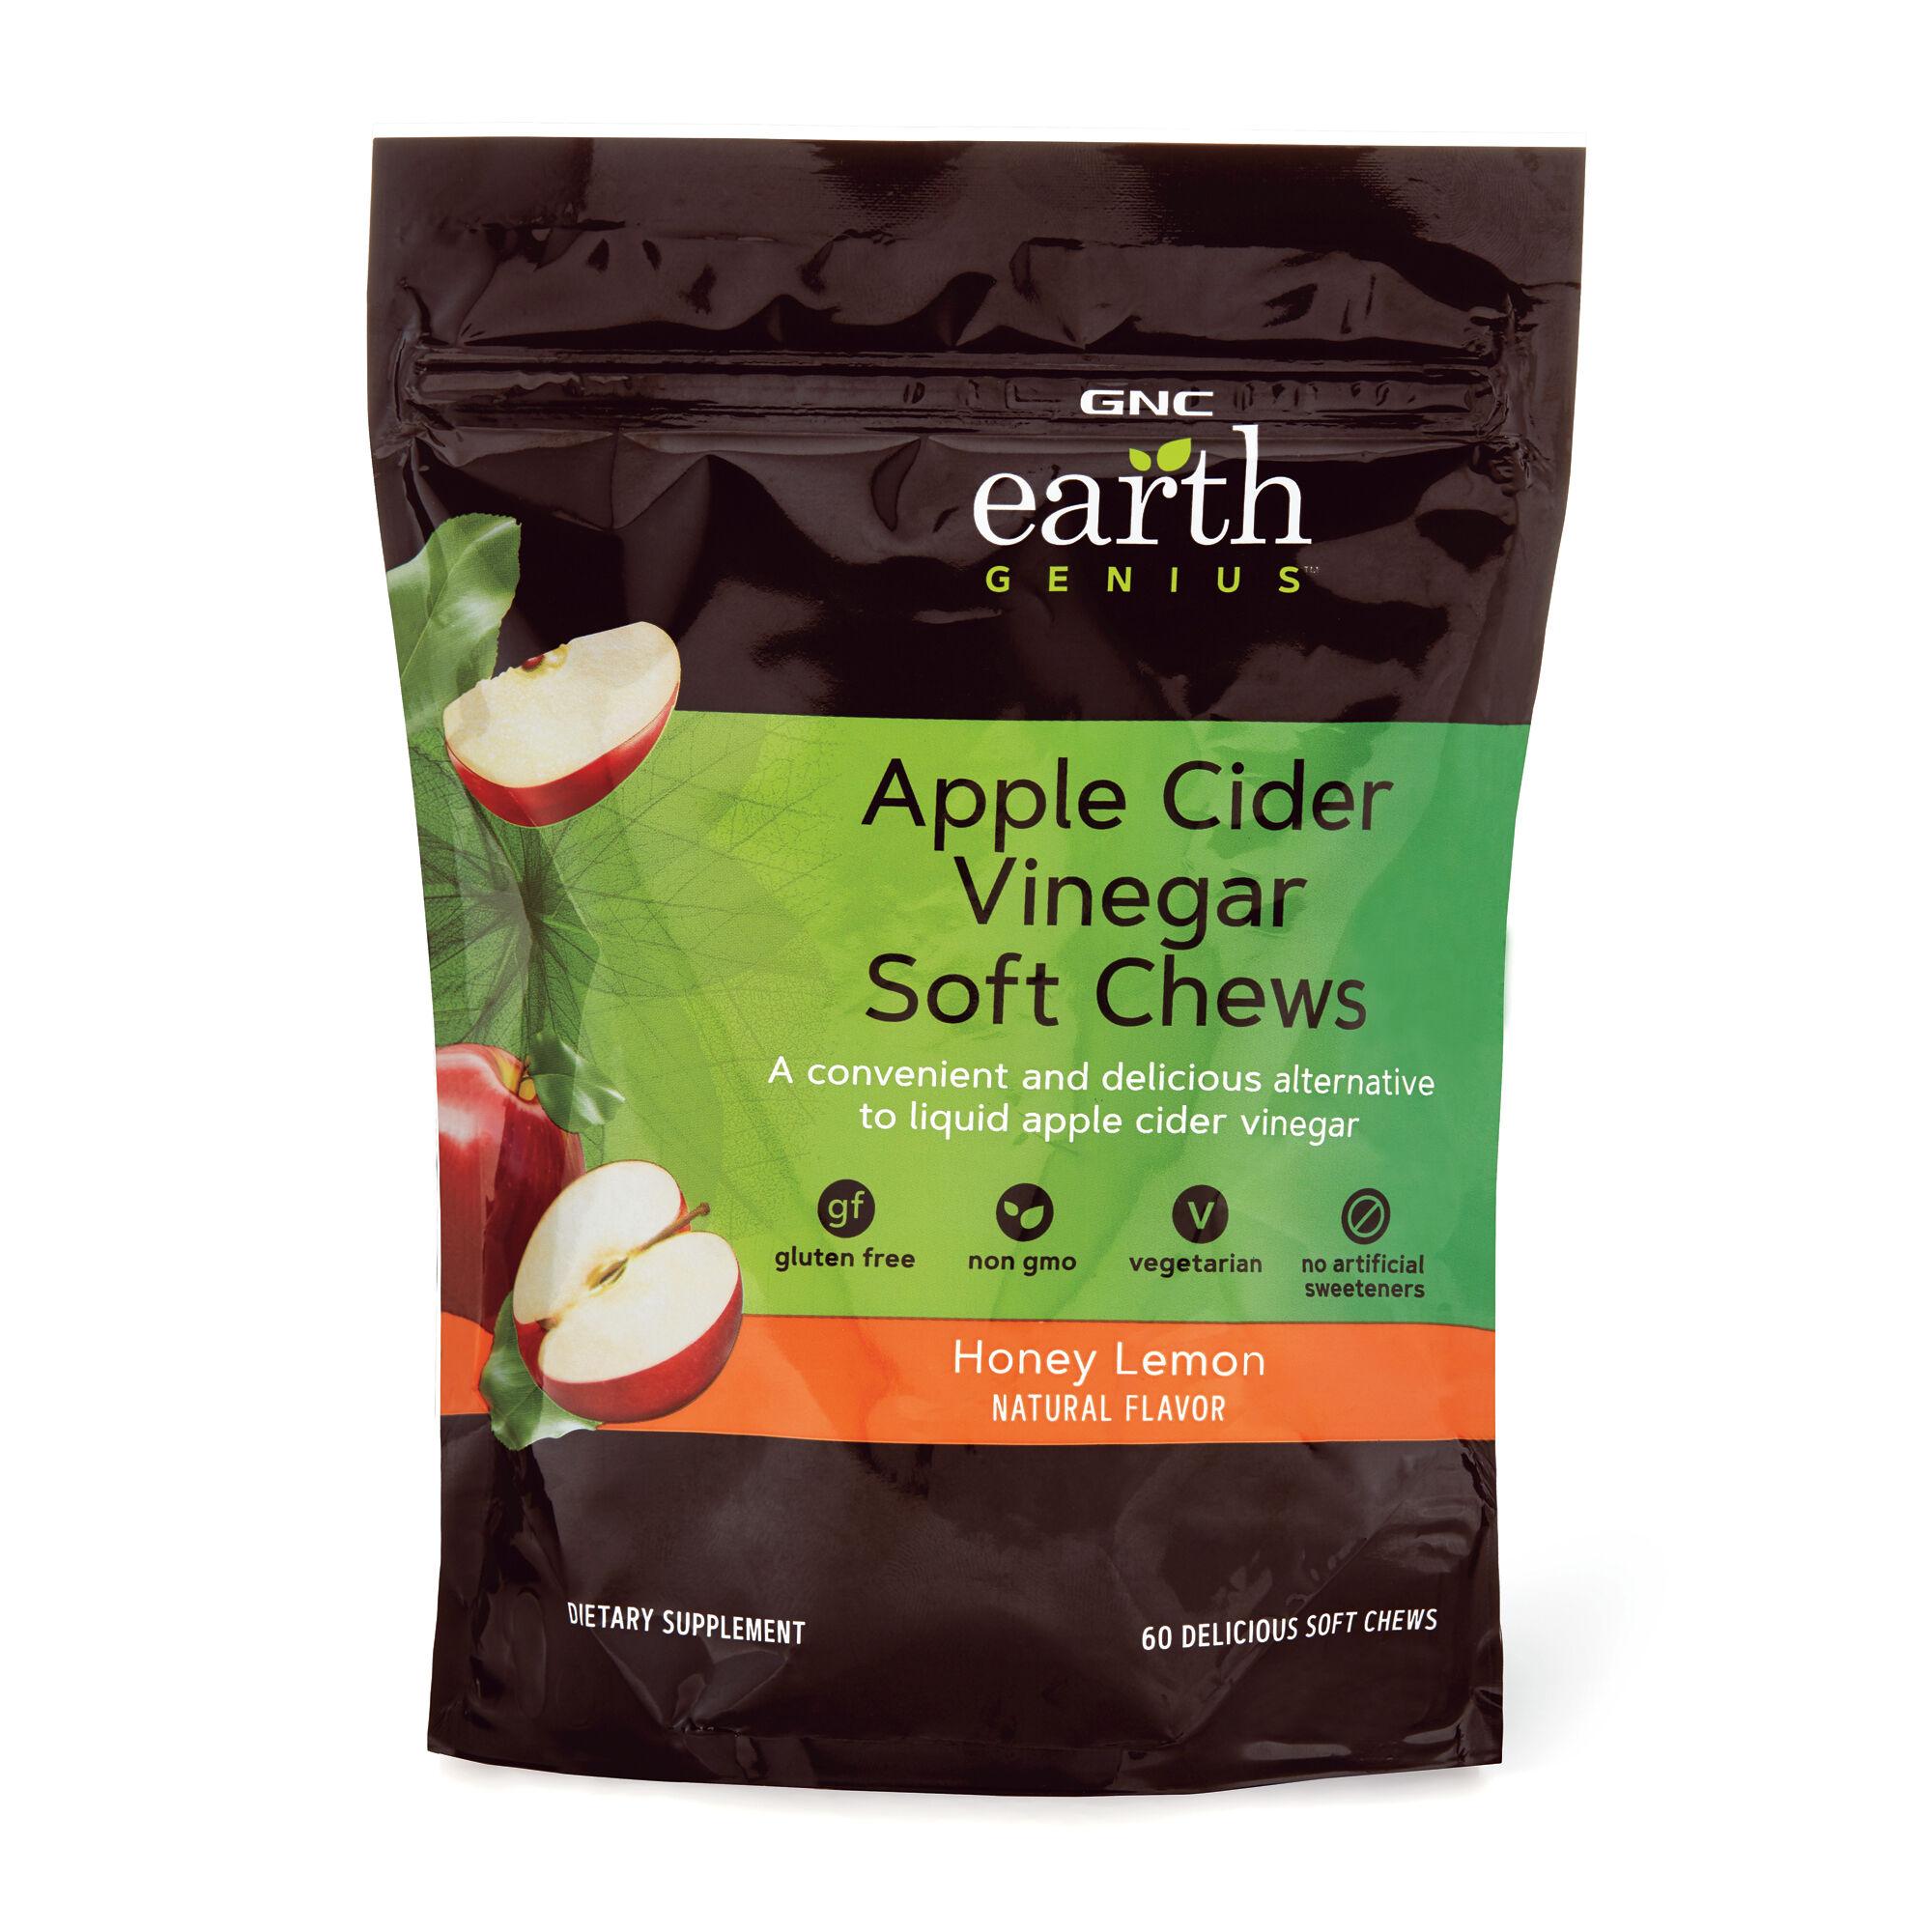 Apple Cider Vinegar Soft Chews - Honey Lemon